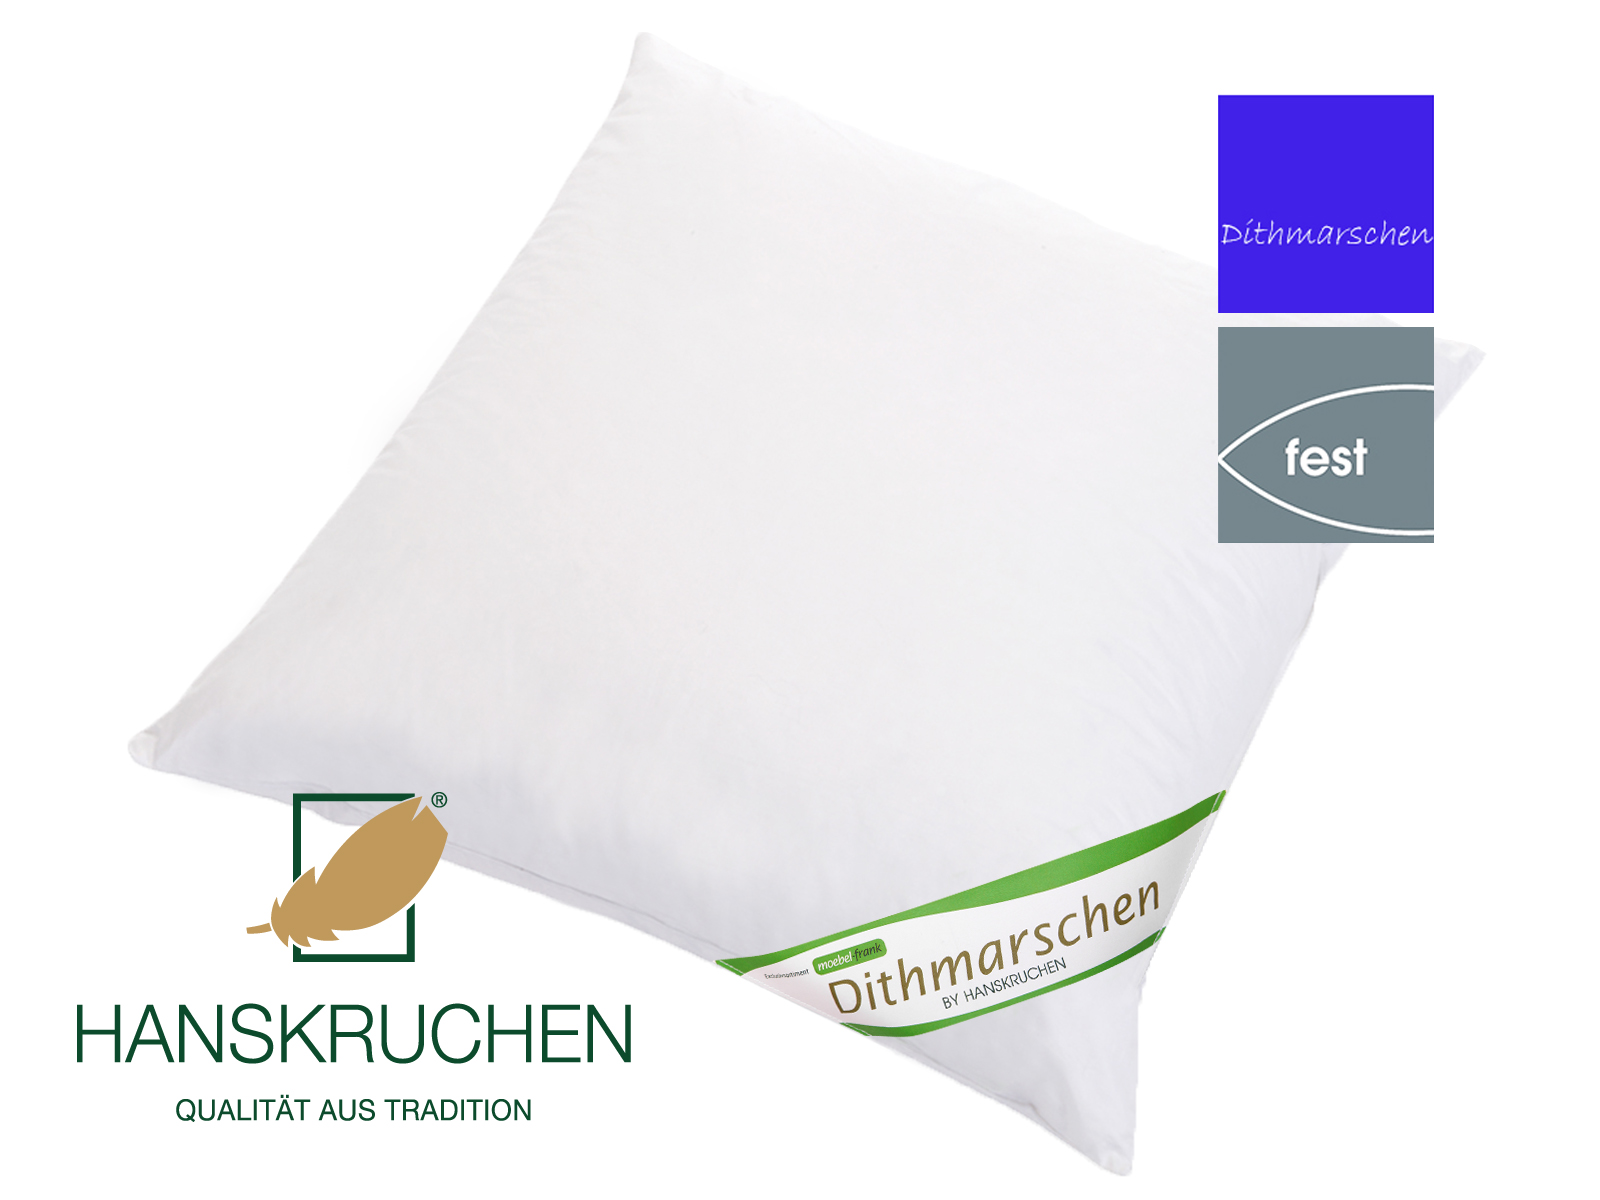 Kopfkissen neue weiße Gänsedaune und -federn Baumwolle Dithmarschen Hanskruchen – Bild 6